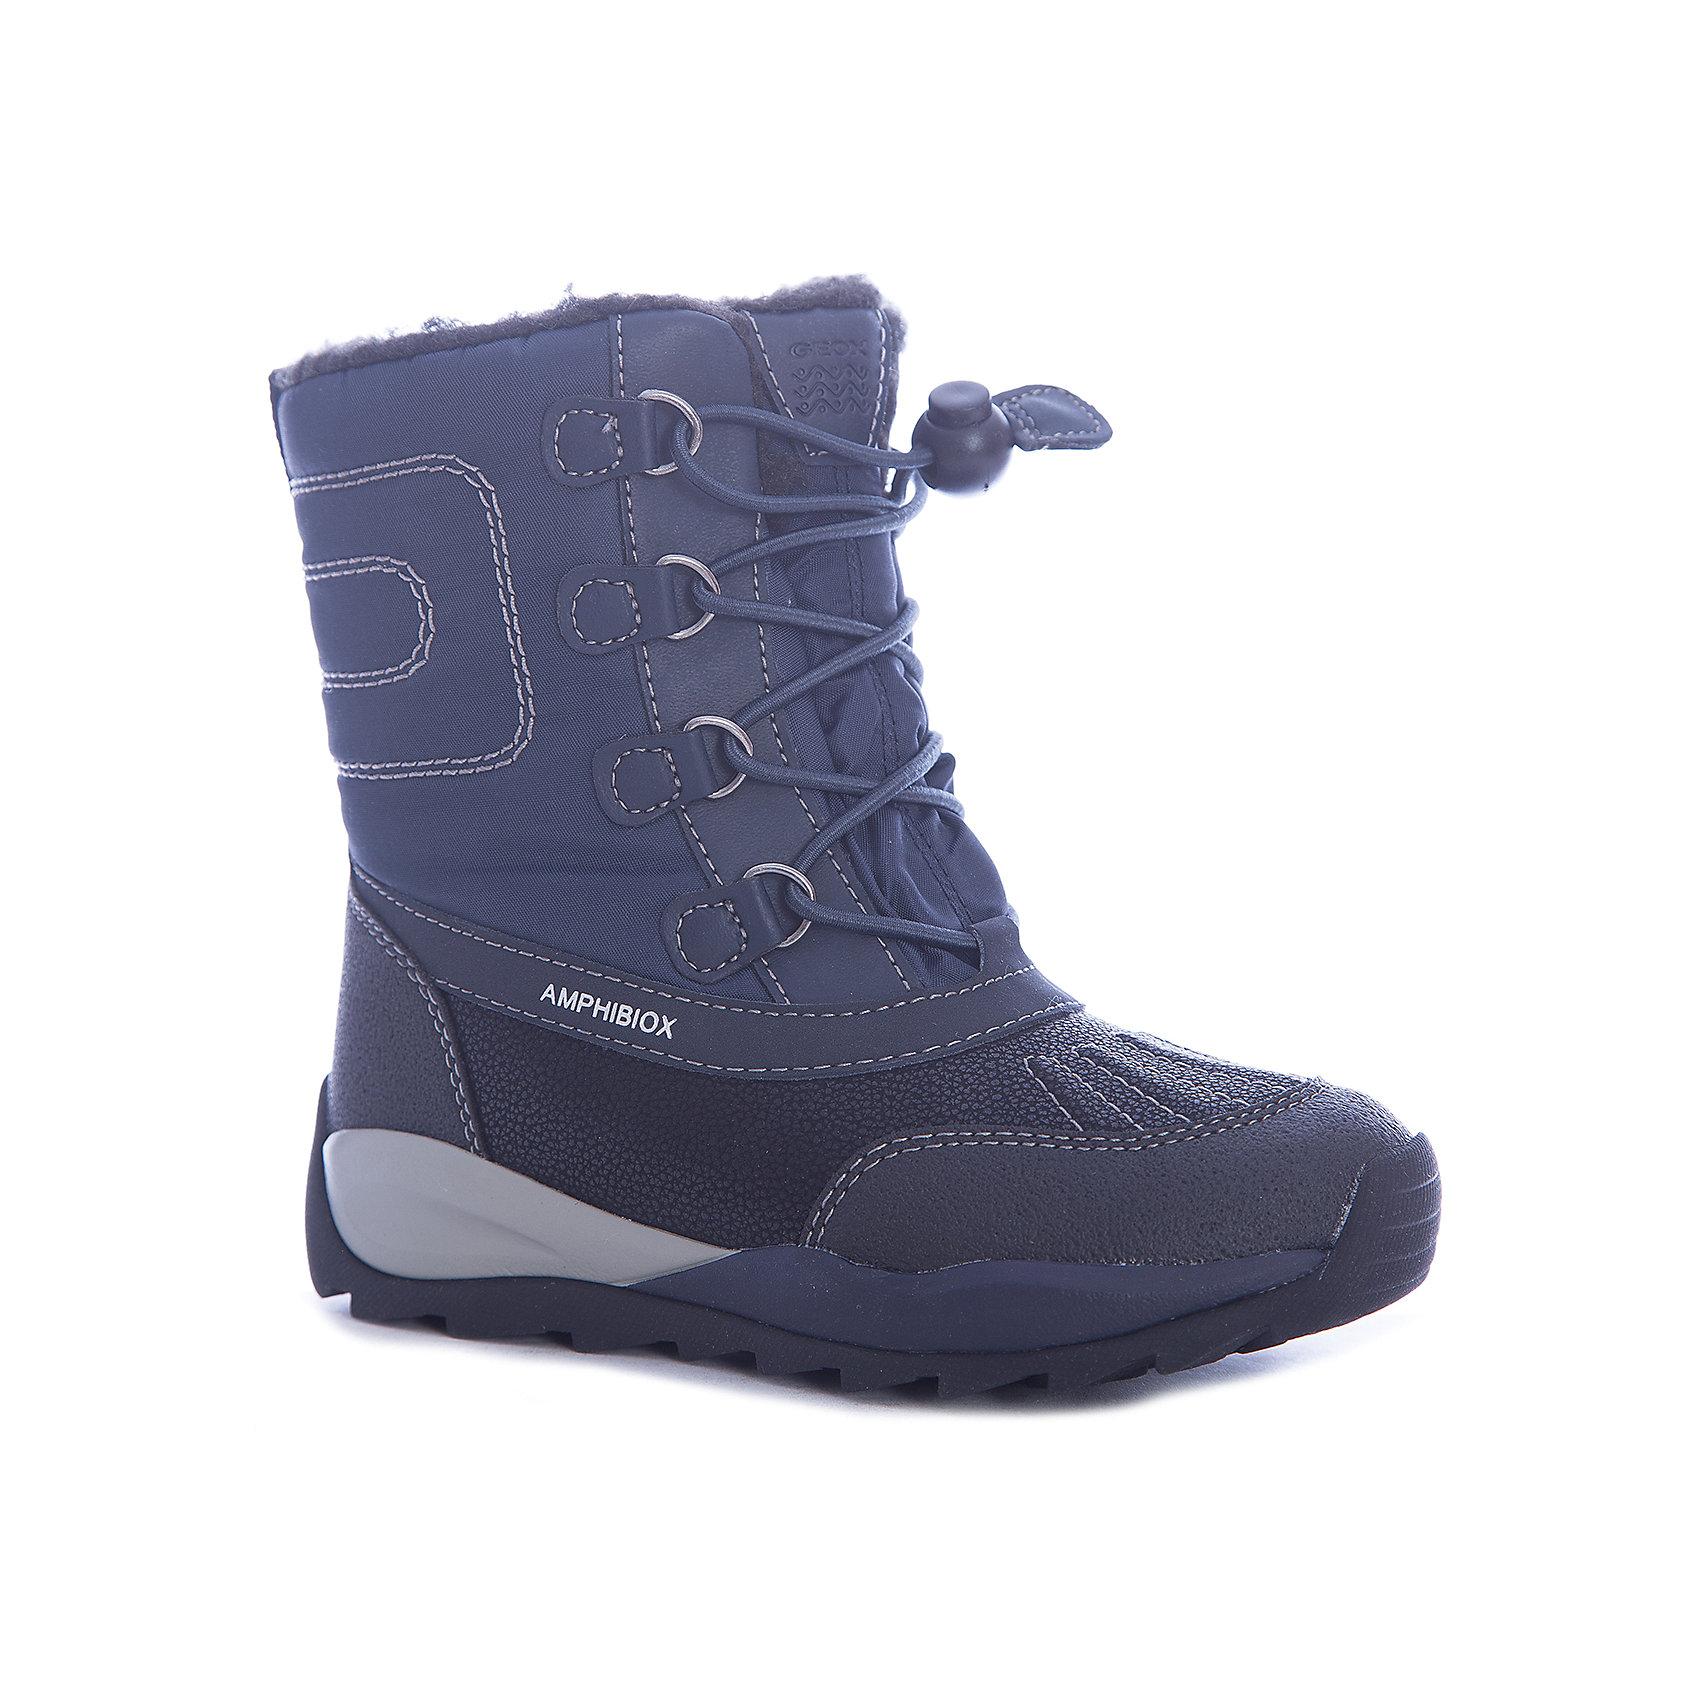 Полусапоги  GEOXПолусапоги GEOX (ГЕОКС)<br>Полусапоги от GEOX (ГЕОКС), выполненные из искусственной кожи и прочного текстиля, идеально подходят для холодной погоды. Плотная мягкая подкладка из искусственного меха согревает чувствительные детские ноги. Текстильная стелька улучшает тепловое сопротивление в холодных условиях, повышая температуру внутри обуви. Влага не застаивается в обуви, благодаря чему создается идеальный микроклимат, который держит ноги теплыми и сухими, и позволяет им дышать естественно. Колодка соответствует анатомическим особенностям строения детской стопы. Качественная амортизация снижает нагрузку на суставы. Запатентованная гибкая перфорированная подошва со специальной микропористой мембраной обеспечивает естественное дыхание обуви, не пропускает воду, не скользит. Модель имеет усиленный мыс и функциональную шнуровку.<br><br>Дополнительная информация:<br><br>- Сезон: зима<br>- Цвет: черный, синий<br>- Материал верха: искусственная кожа, текстиль<br>- Внутренний материал: искусственный мех<br>- Материал стельки: текстиль<br>- Материал подошвы: резина<br>- Тип застежки: шнуровка<br>- Высота голенища/задника: 13,5 см.<br>- Технология Amphibiox<br>- Материалы и продукция прошли специальную проверку T?V S?D, на отсутствие веществ, опасных для здоровья покупателей<br><br>Полусапоги GEOX (ГЕОКС) можно купить в нашем интернет-магазине.<br><br>Ширина мм: 257<br>Глубина мм: 180<br>Высота мм: 130<br>Вес г: 420<br>Цвет: черный<br>Возраст от месяцев: 36<br>Возраст до месяцев: 48<br>Пол: Унисекс<br>Возраст: Детский<br>Размер: 27,34,33,32,31,30,29,28<br>SKU: 4968259